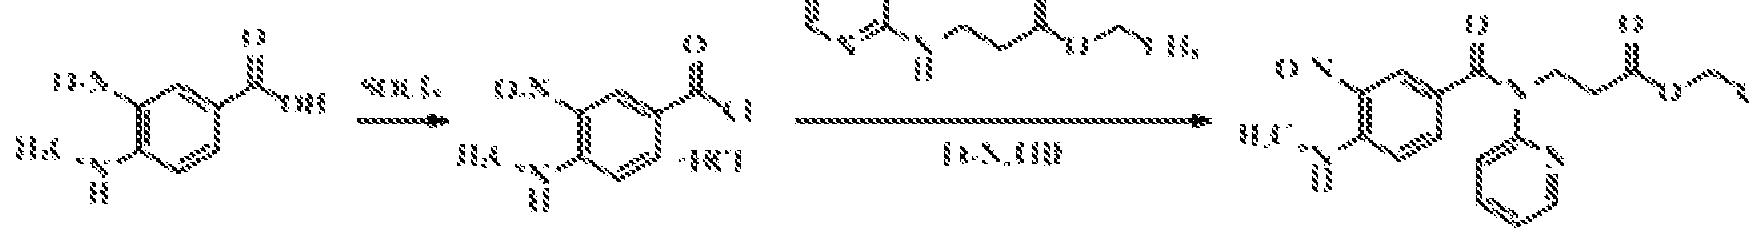 Figure imgf000003_0002